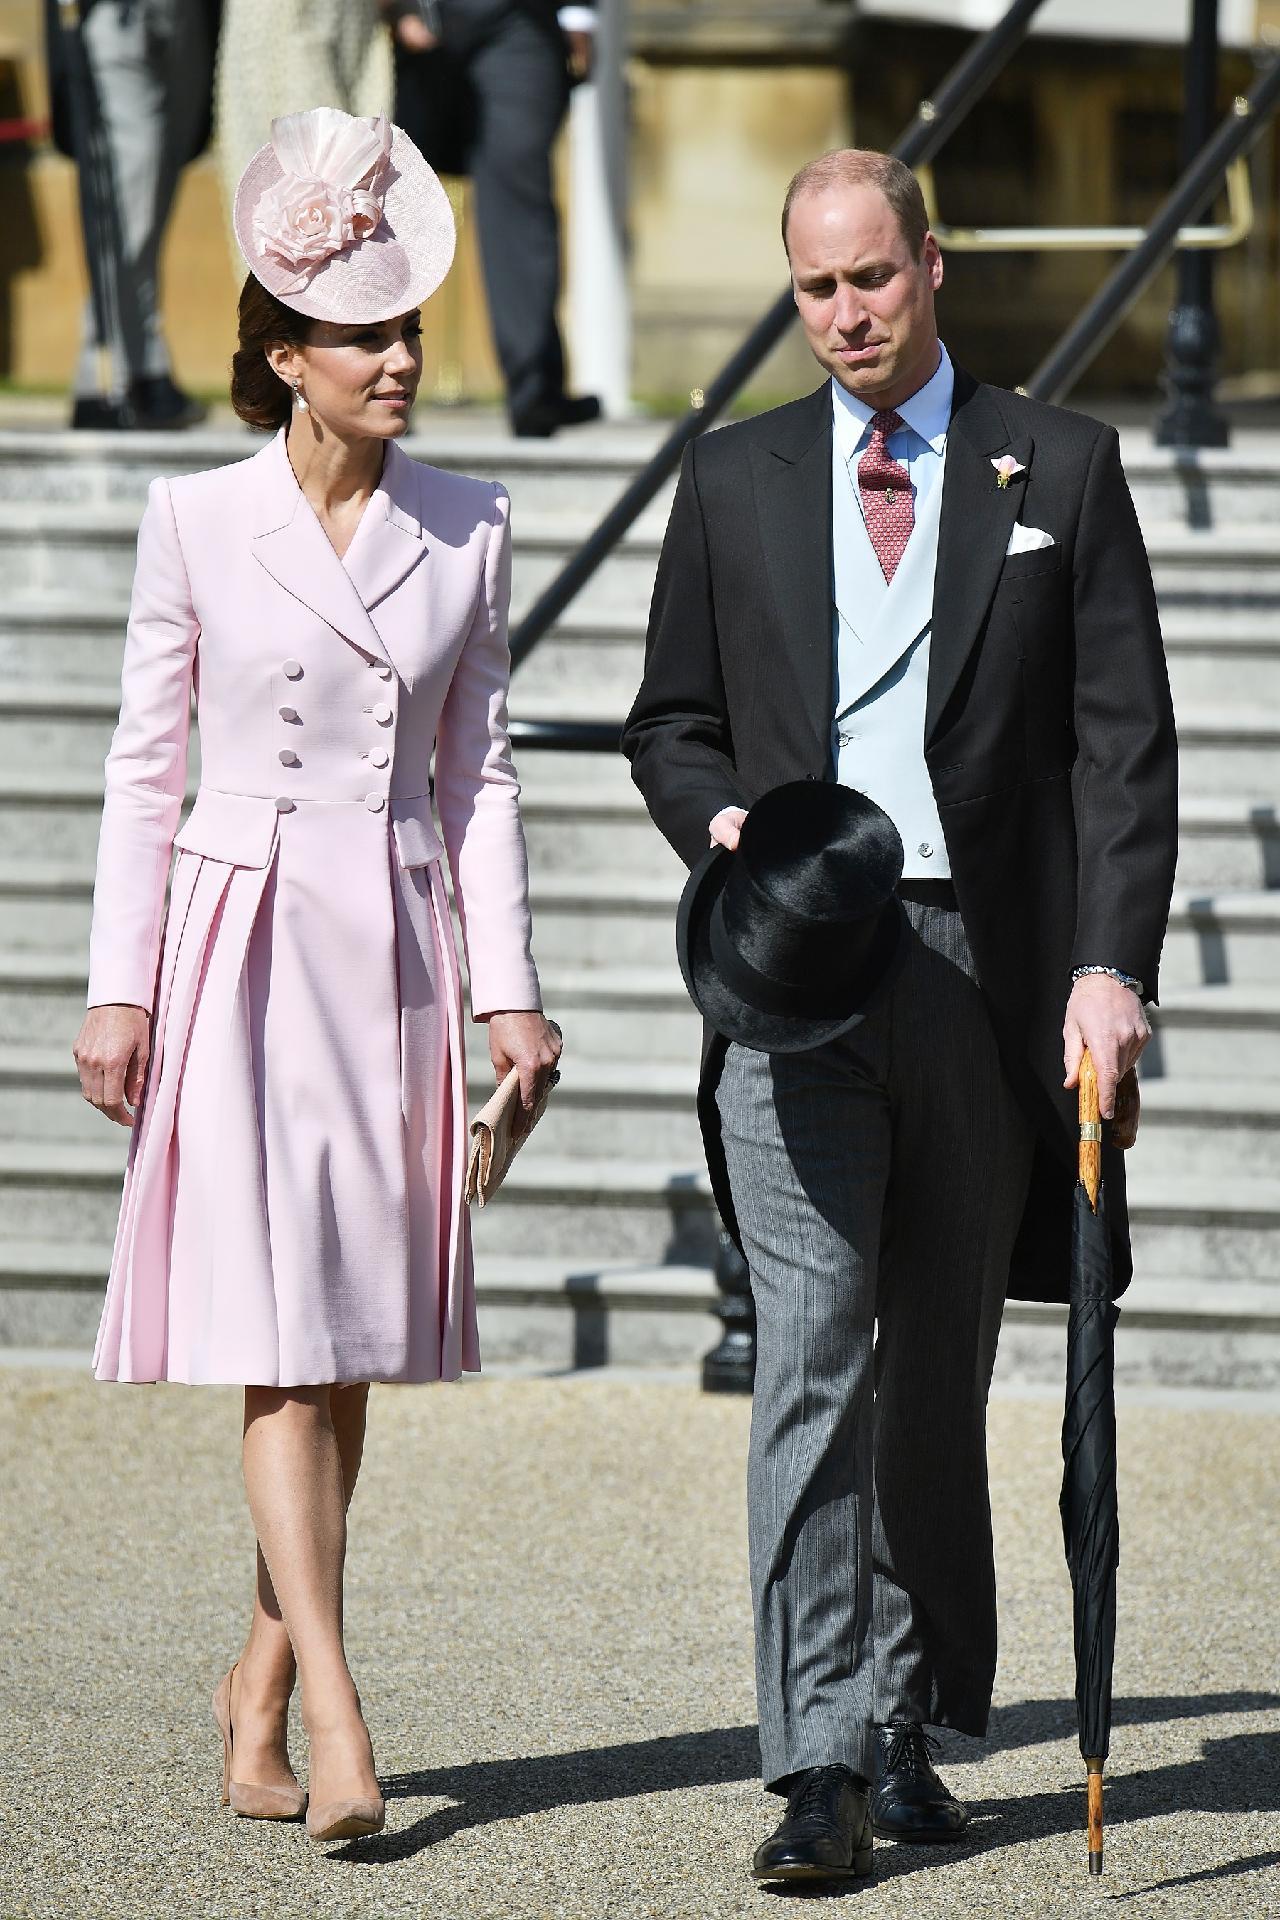 de8d039120 Look monocromático  inspire-se no truque de moda favorito de Kate Middleton